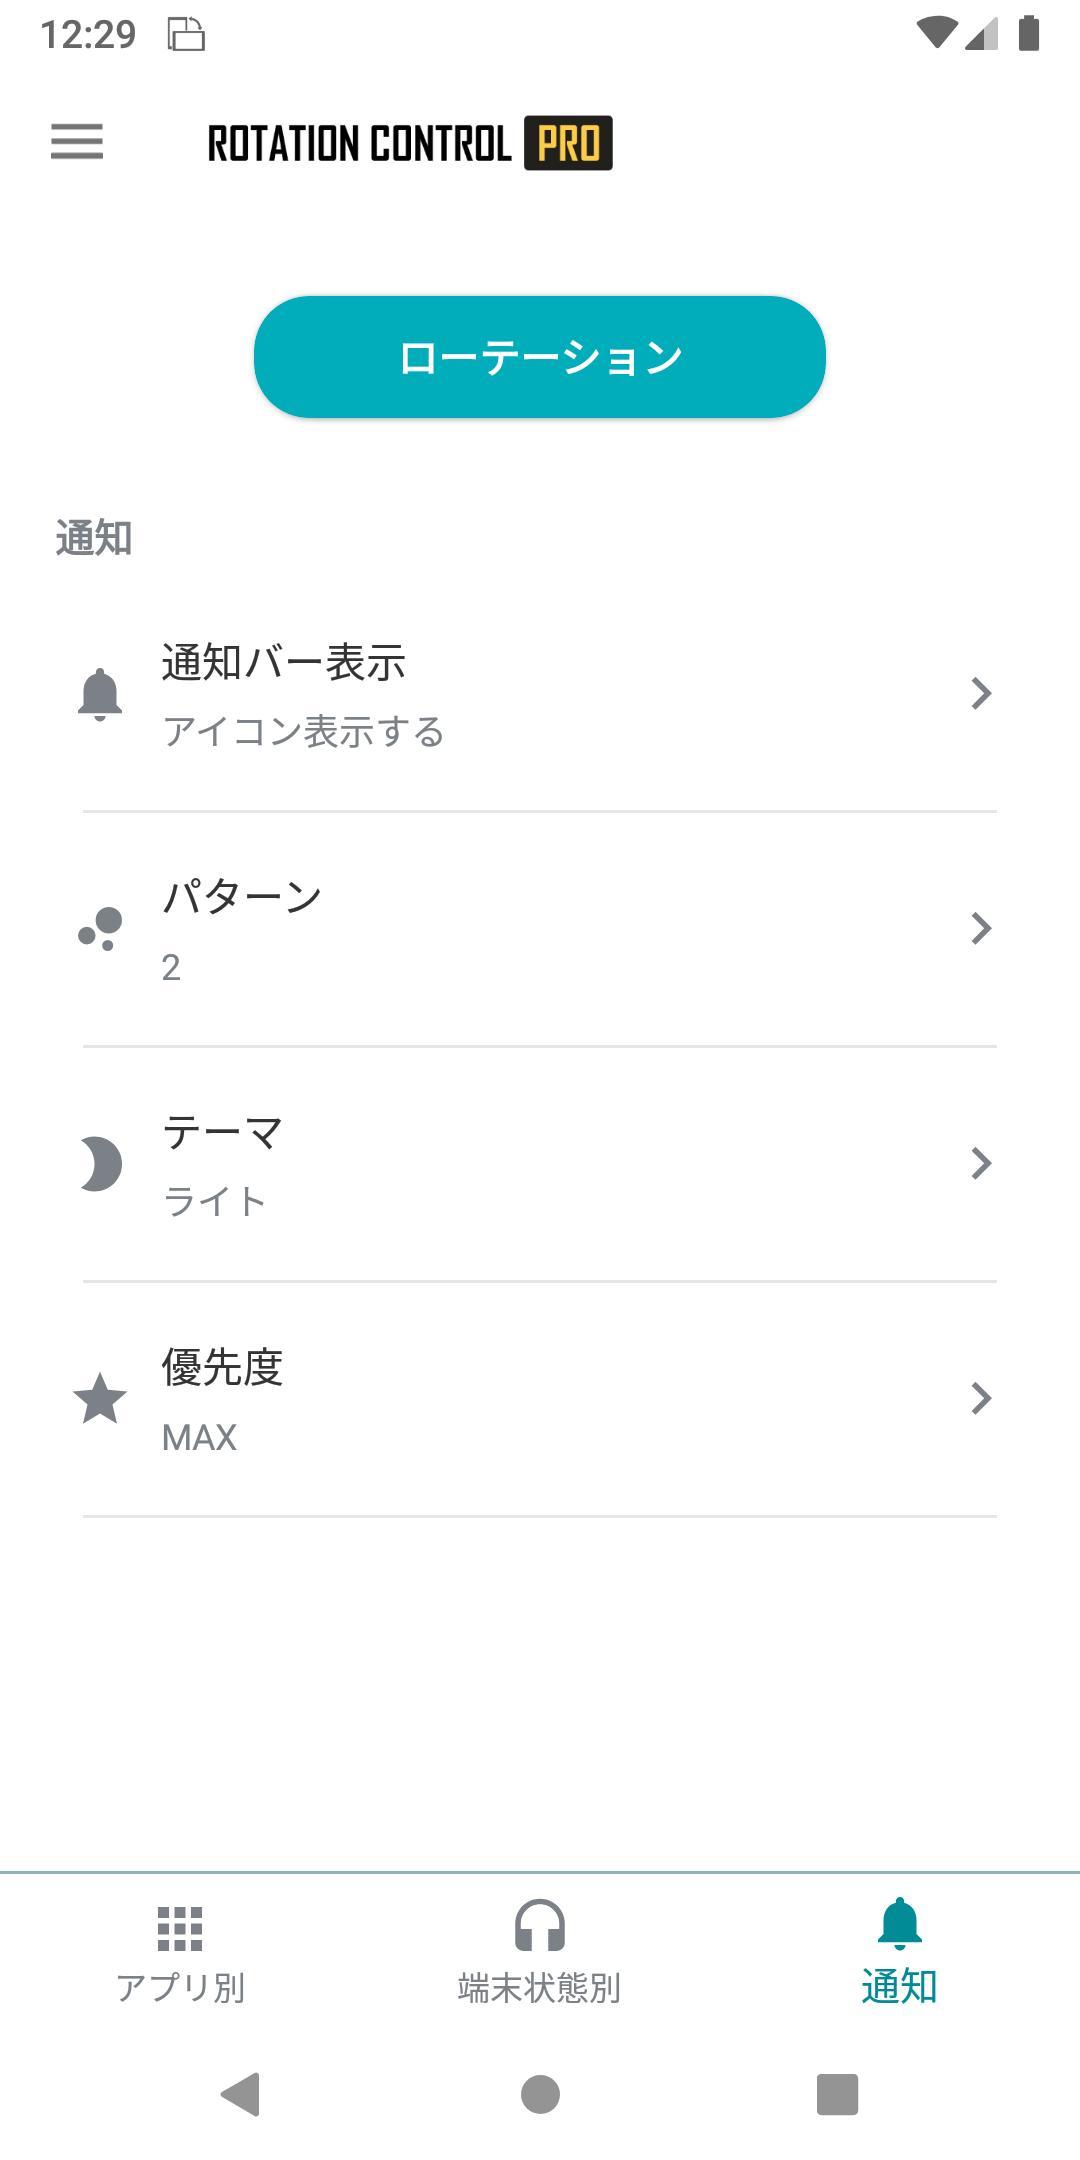 ローテーション コントロール アプリ